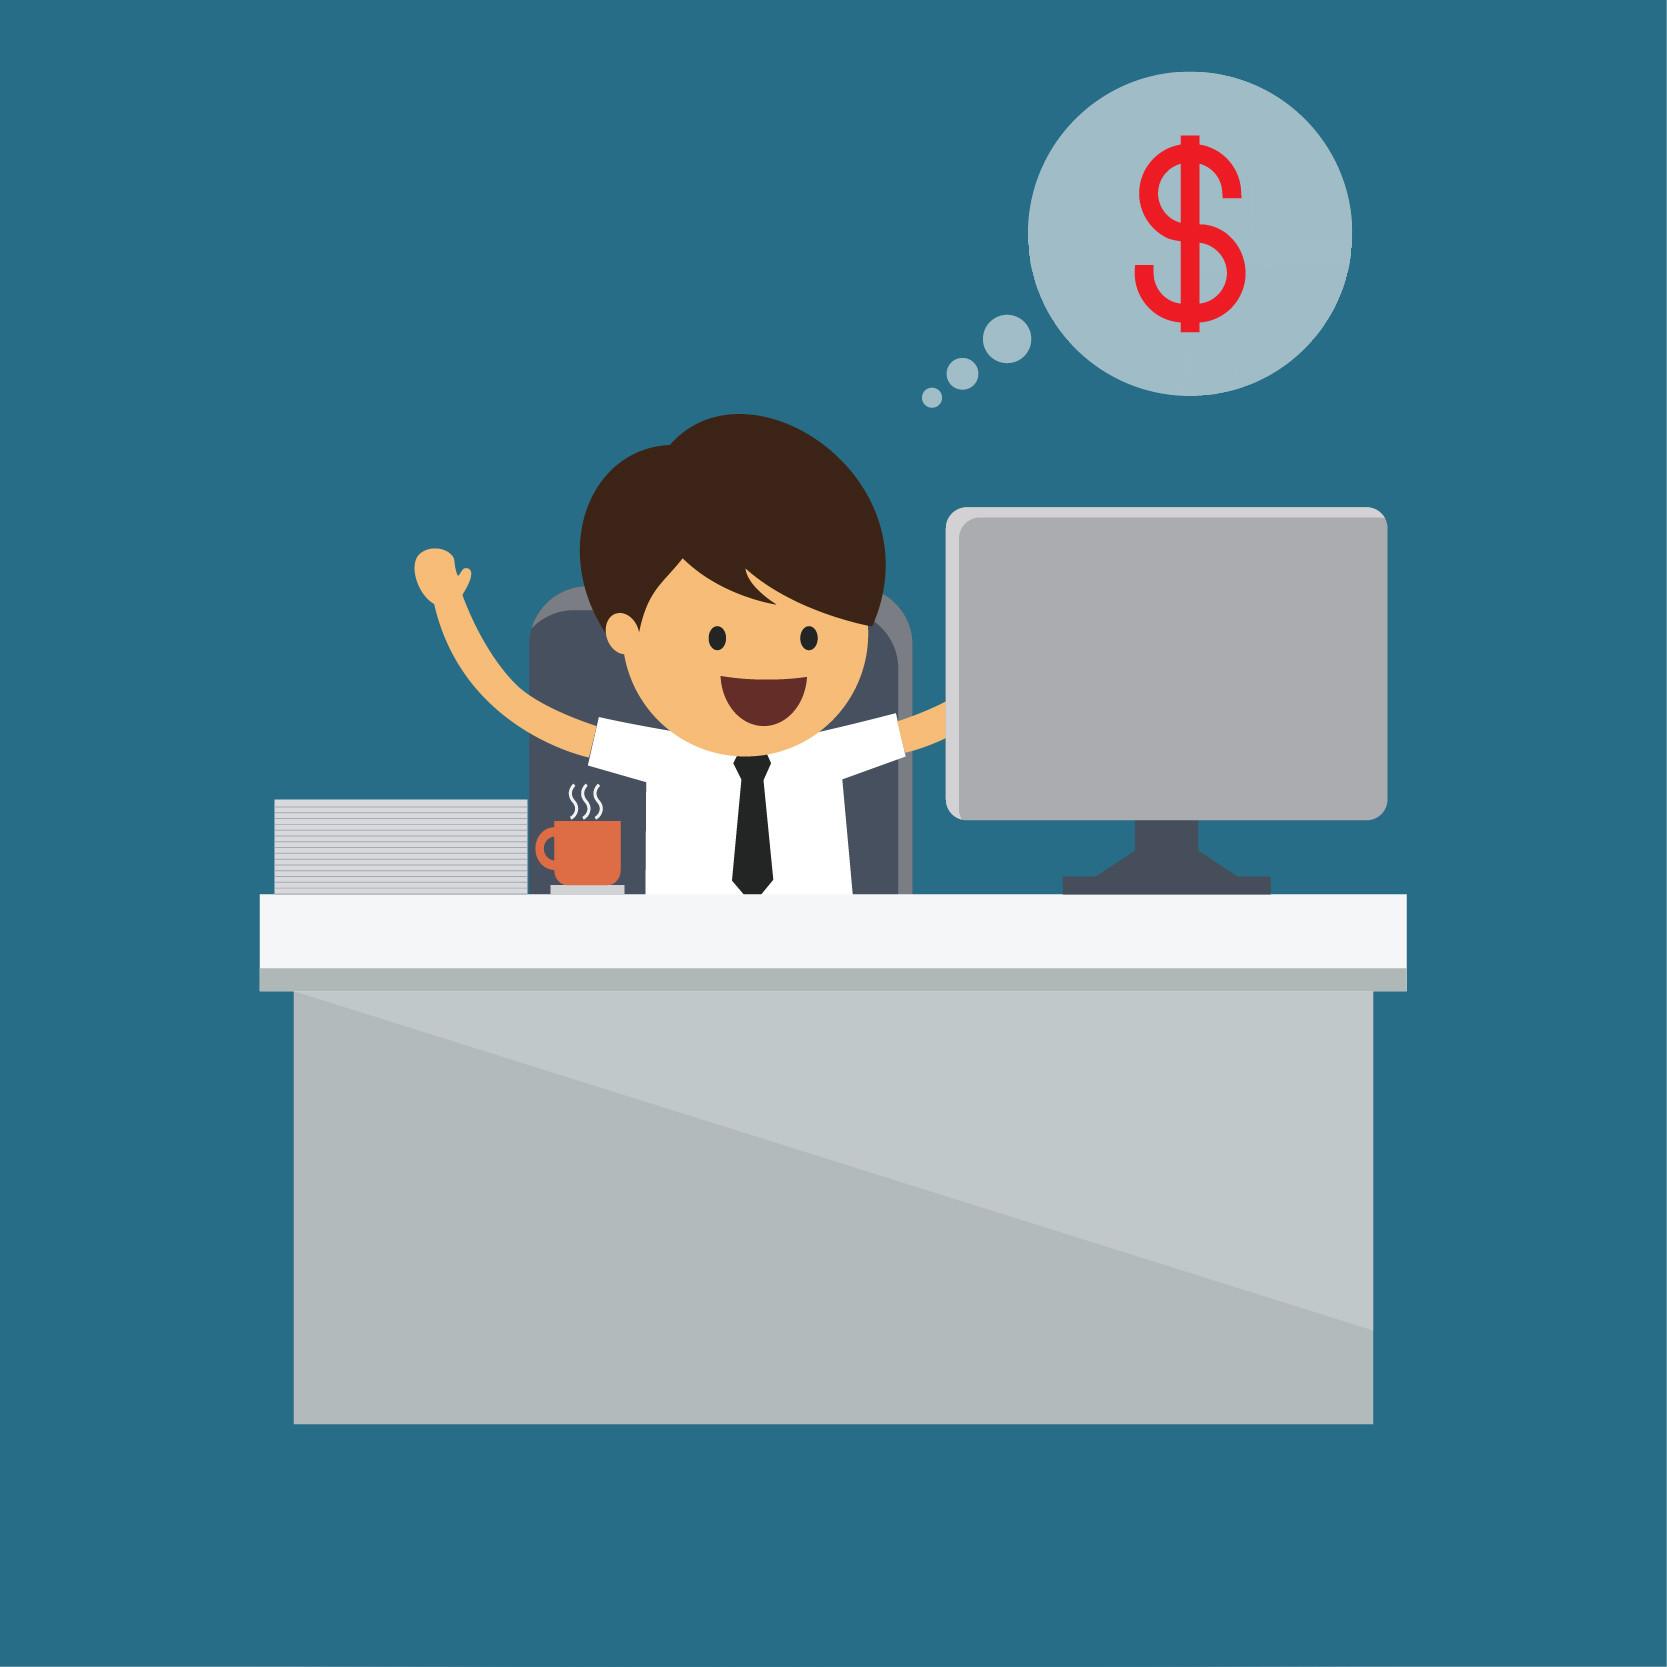 sistemas de pagamentos online - pagamento digital